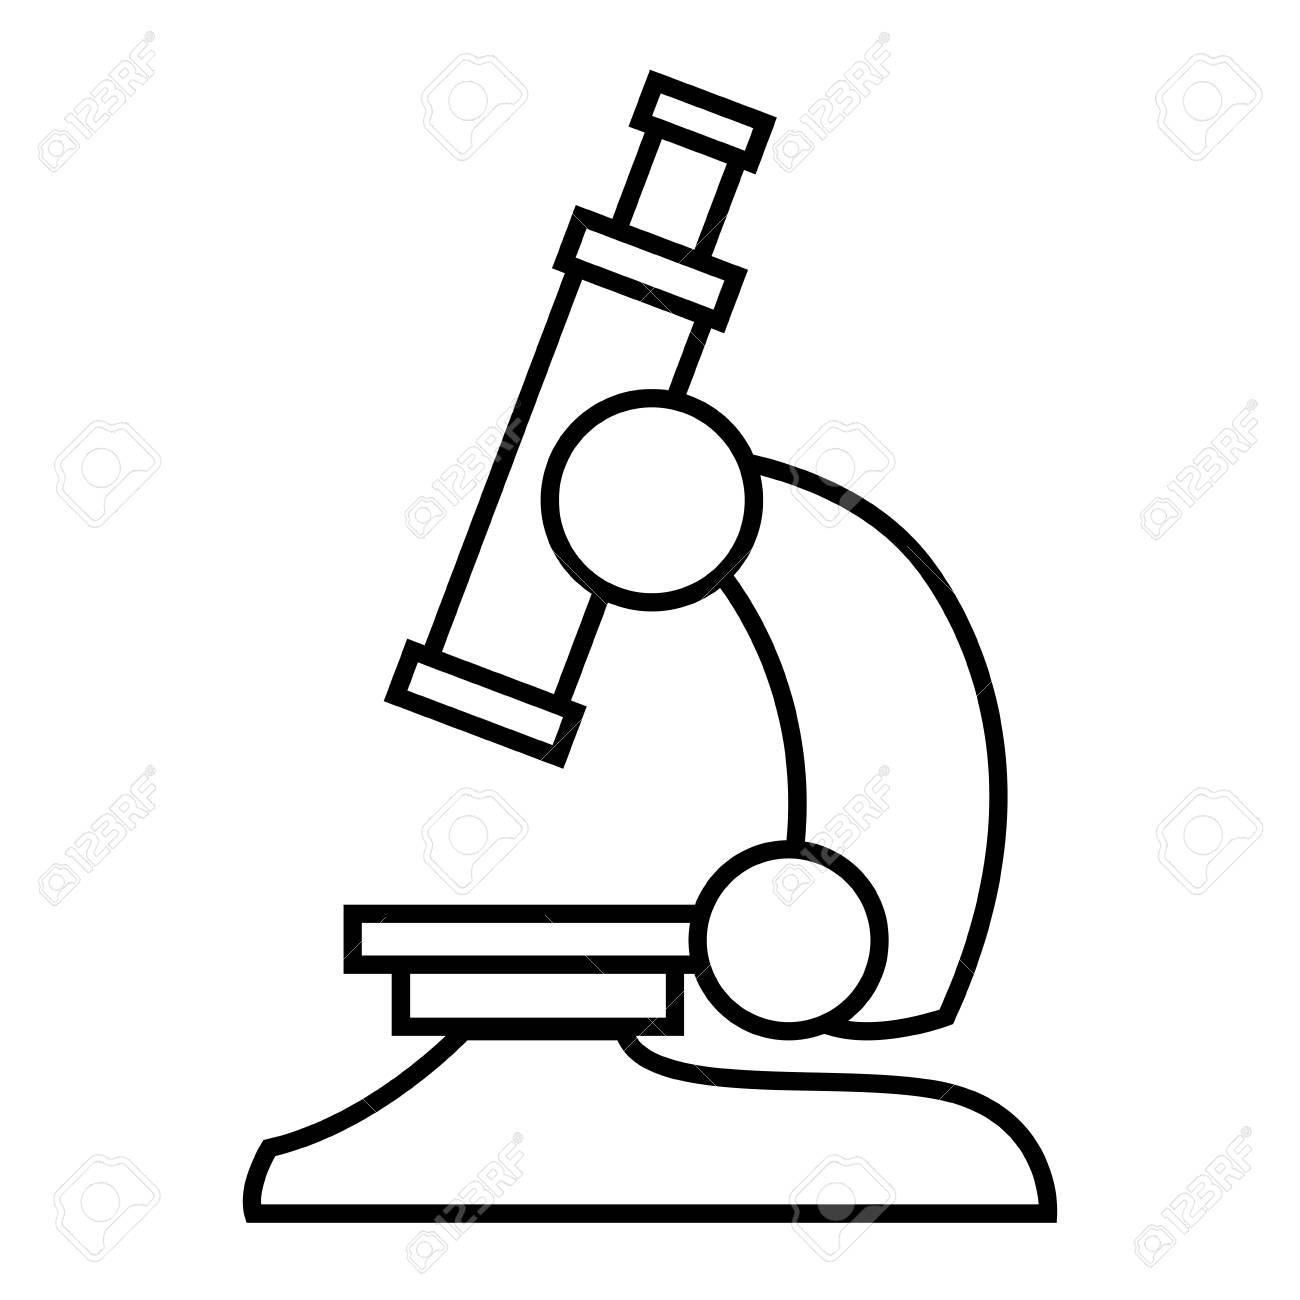 Microscope Scientific Tool Icon Vector Illustration Graphic Design Stock